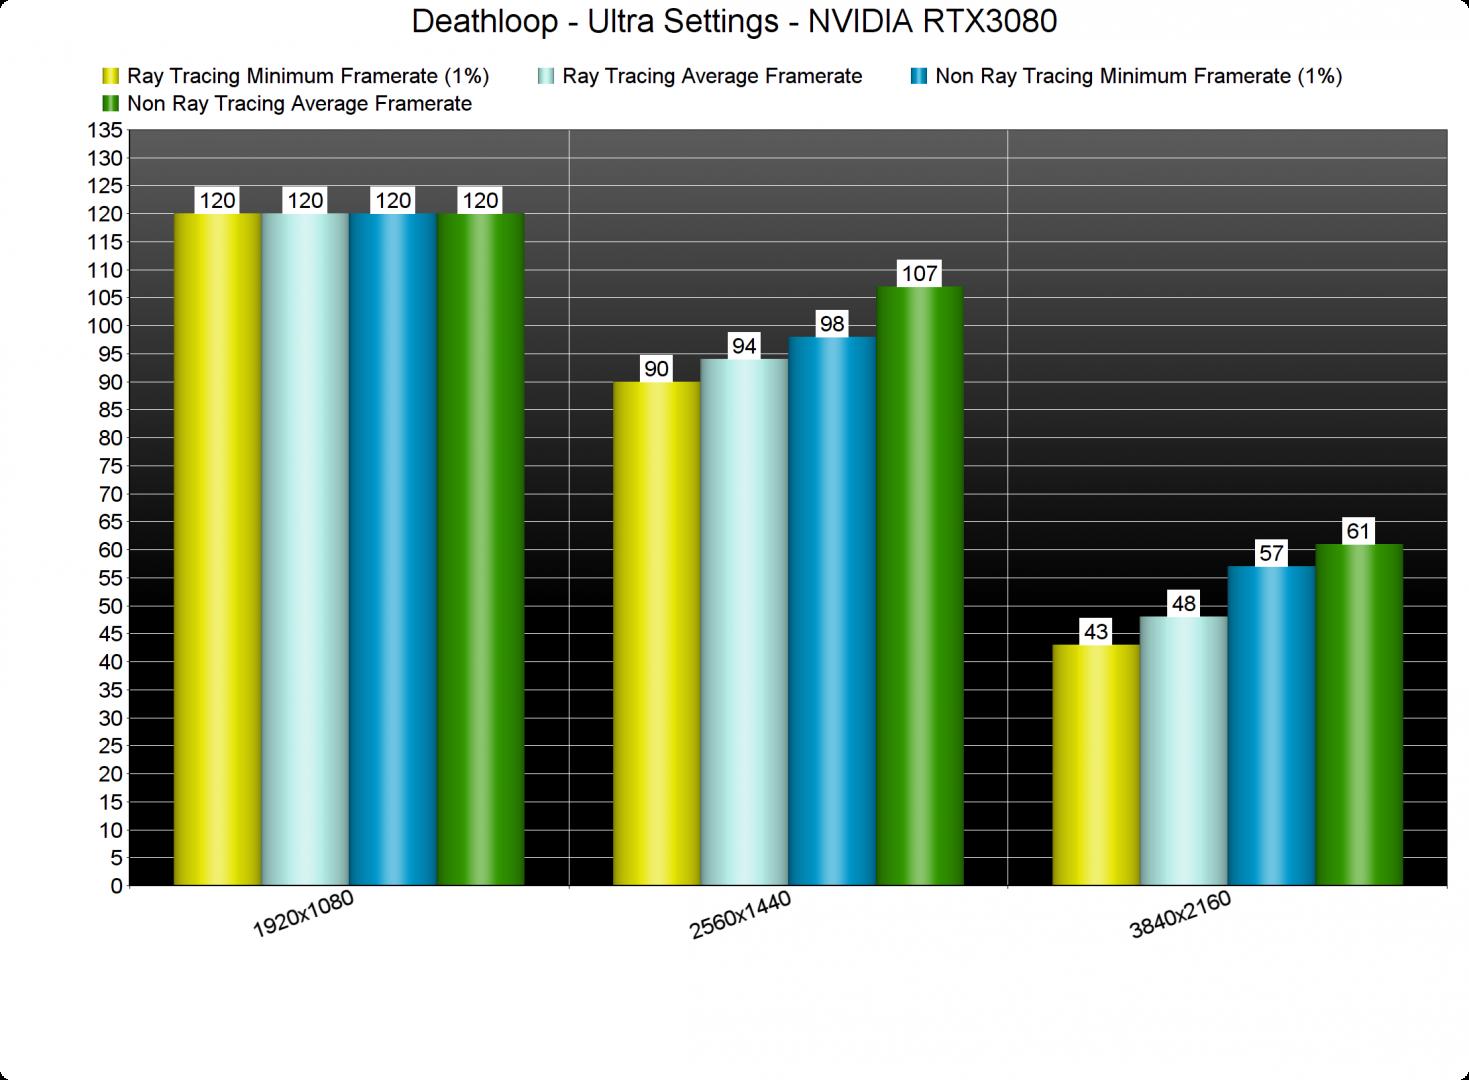 Deathloop fixed NVIDIA RTX3080 benchmarks